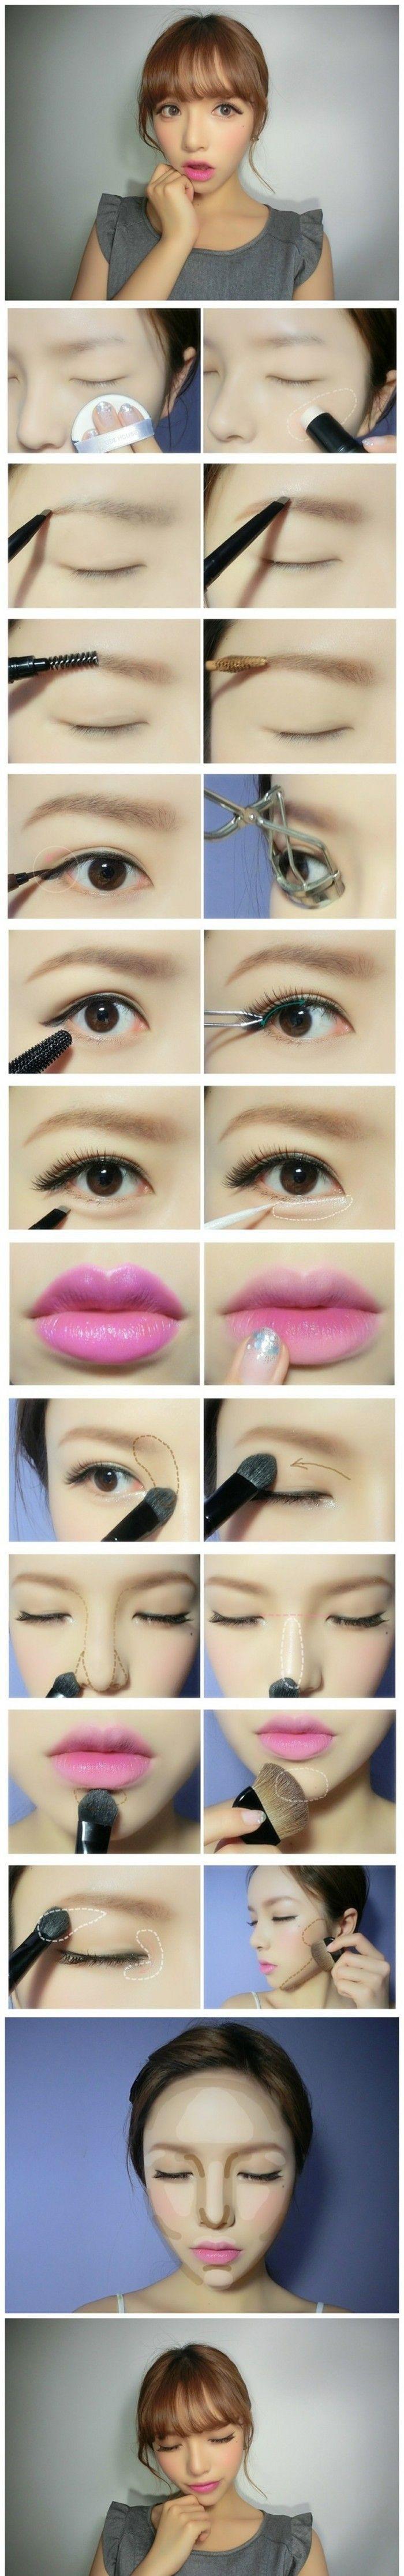 Maquiagem iluminada com delineado delicado, cílios postiços e batom rosinha